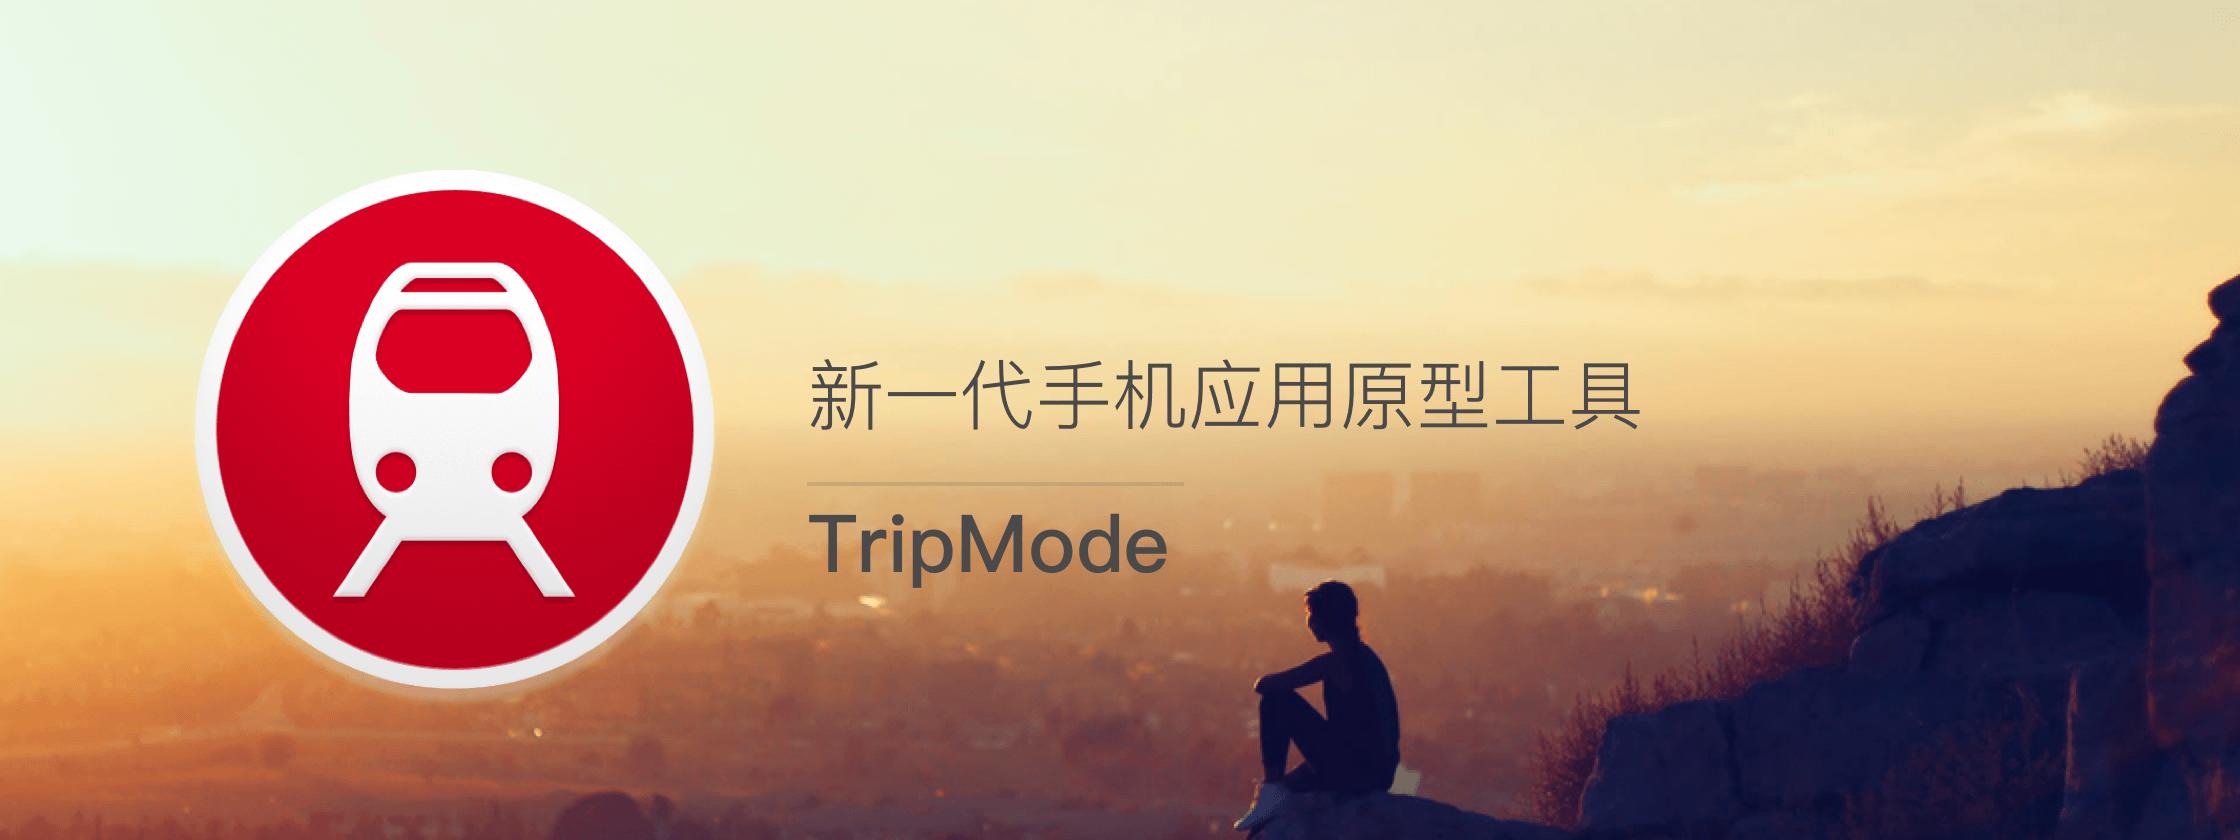 TripMode – 移动热点流量管家